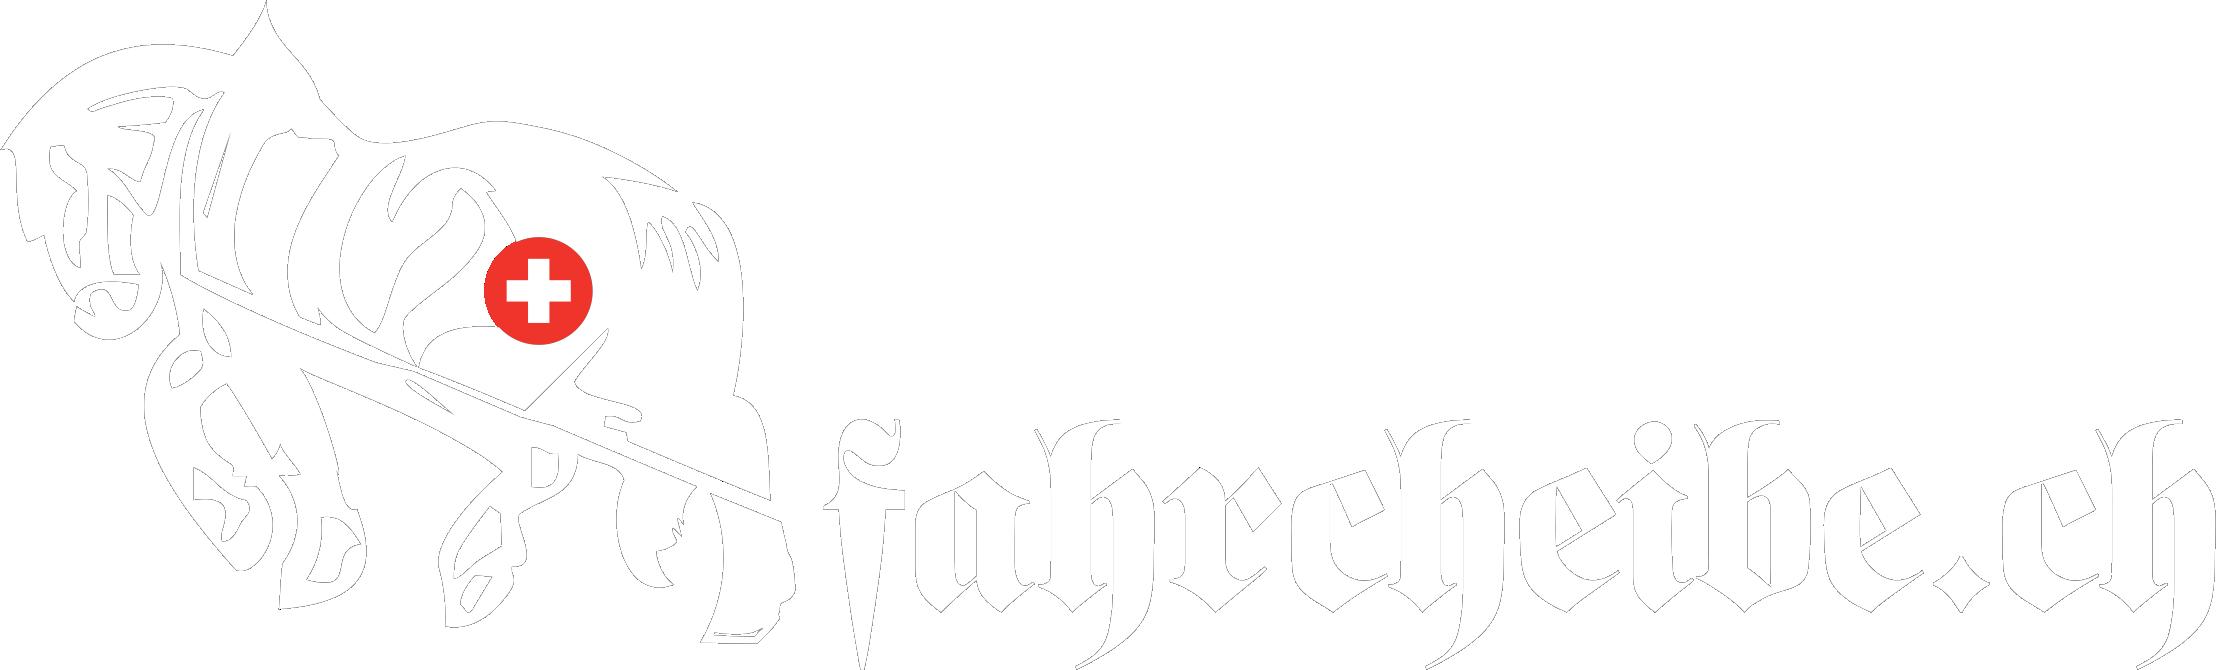 fahrcheibe.ch